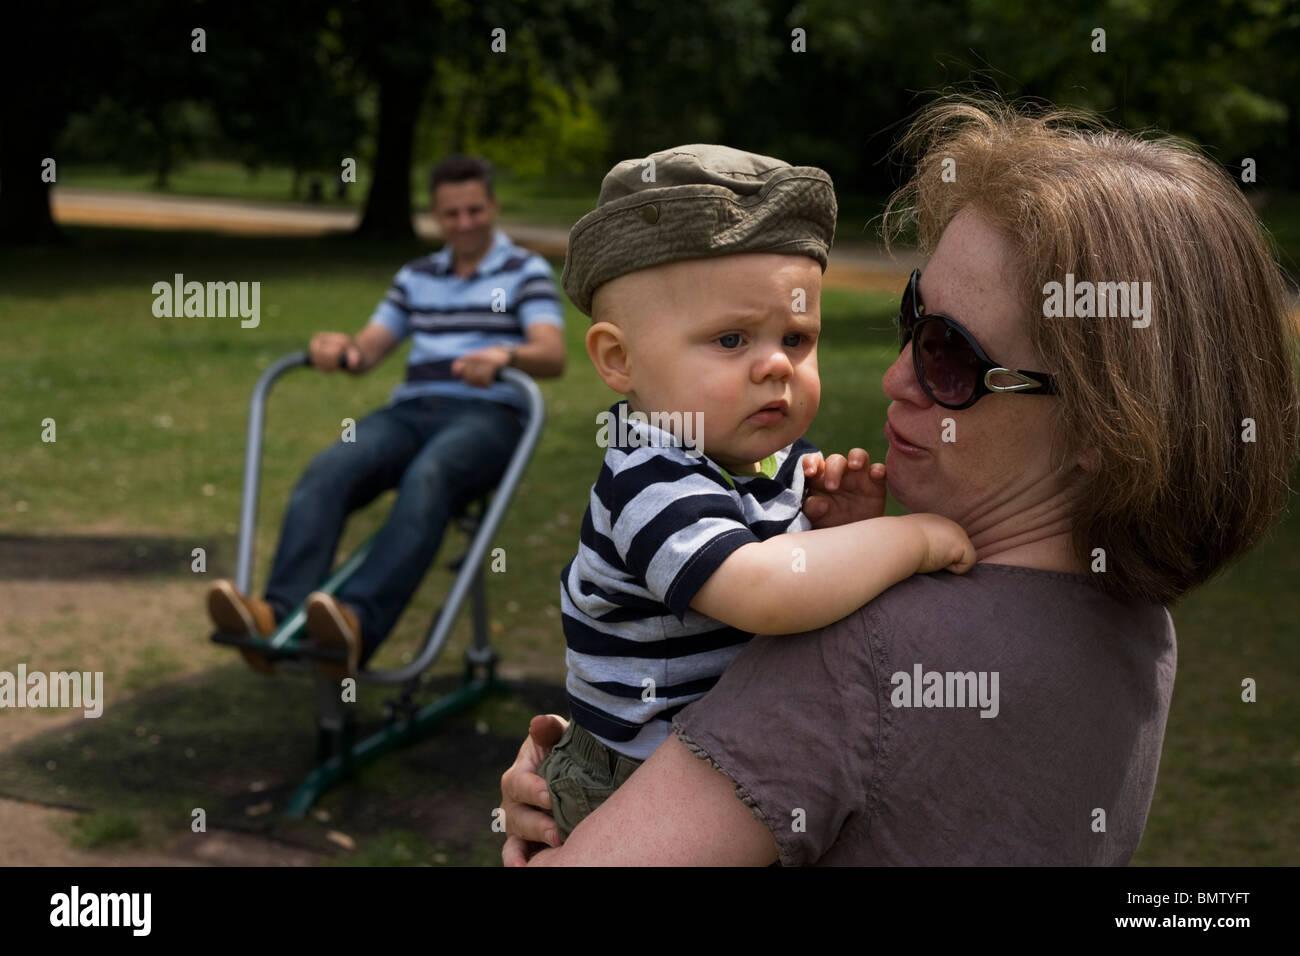 Ein elf Monate altes Kleinkind hielt sich fest um seine 40-etwas Tante als Papa Übungen hinter. Stockfoto